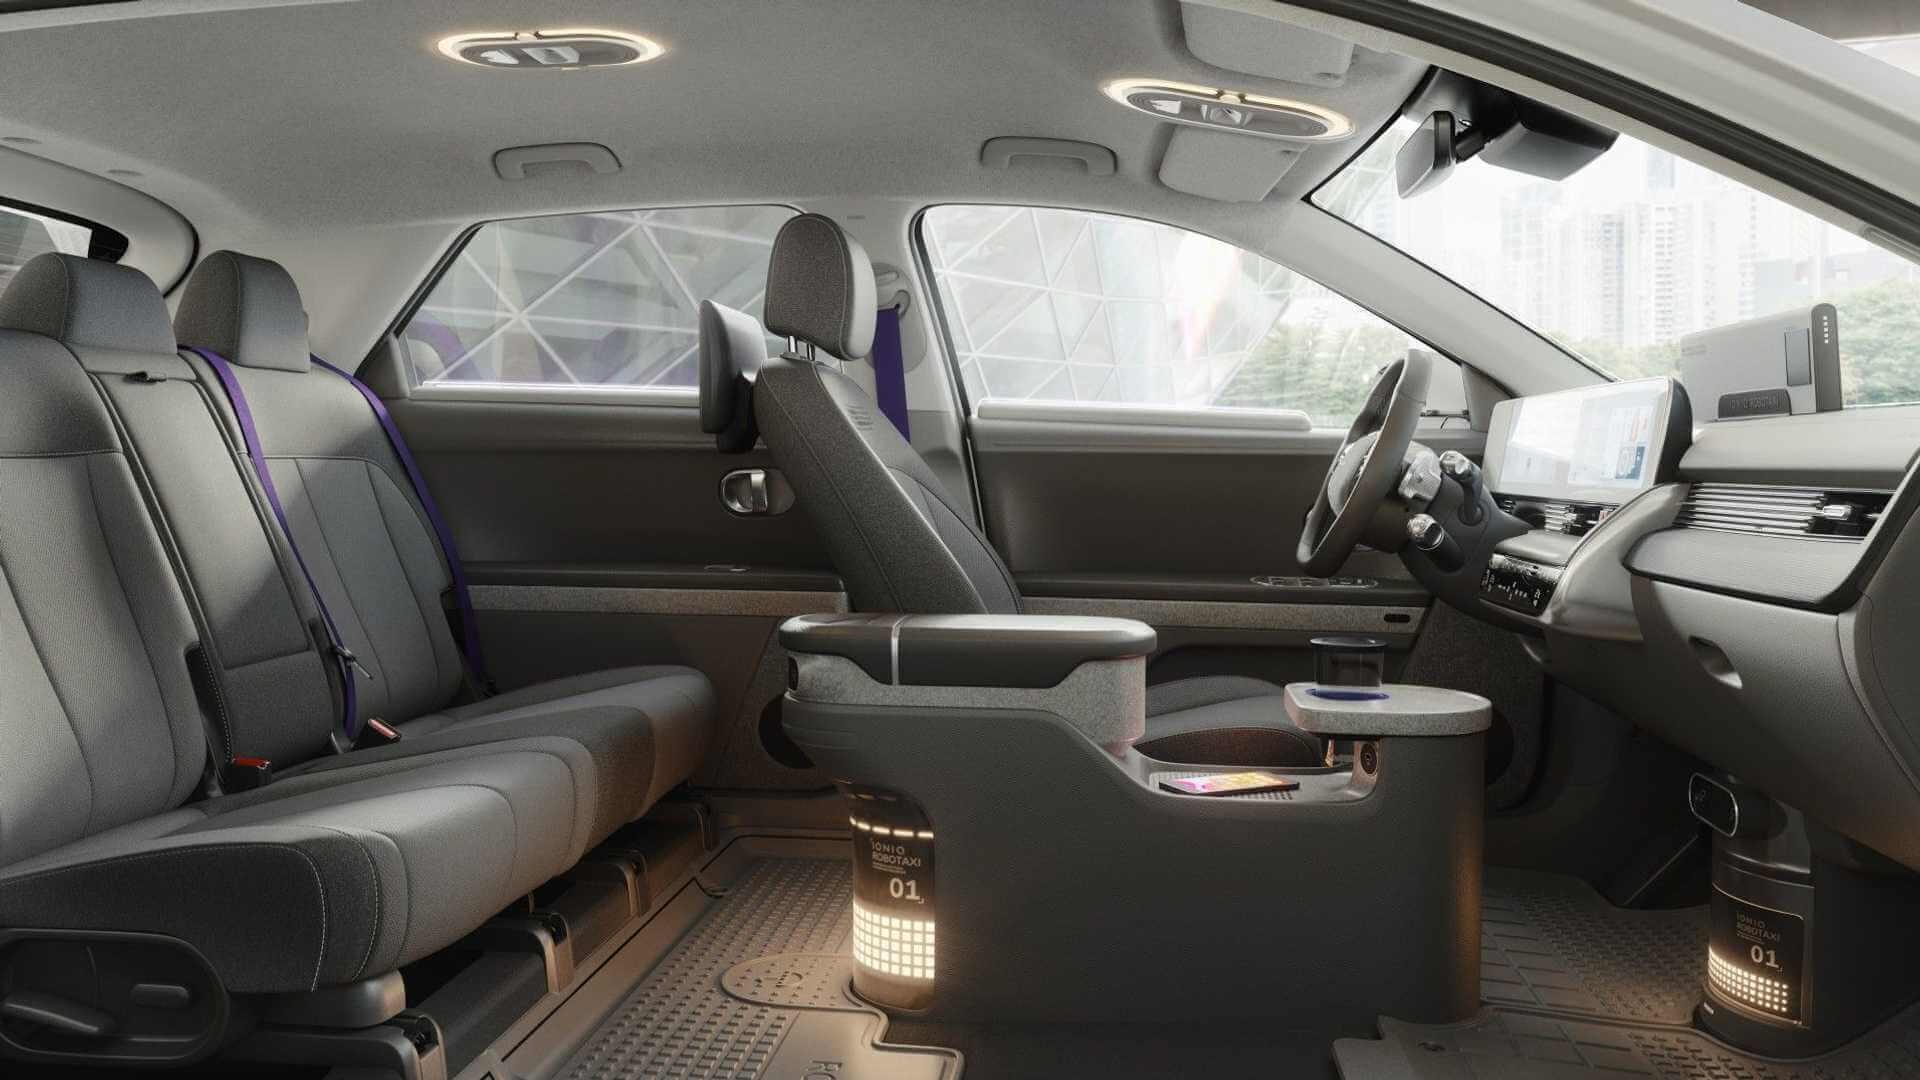 Ожидается, что роботакси IONIQ 5 приступит к перевозке пассажиров в 2023 году